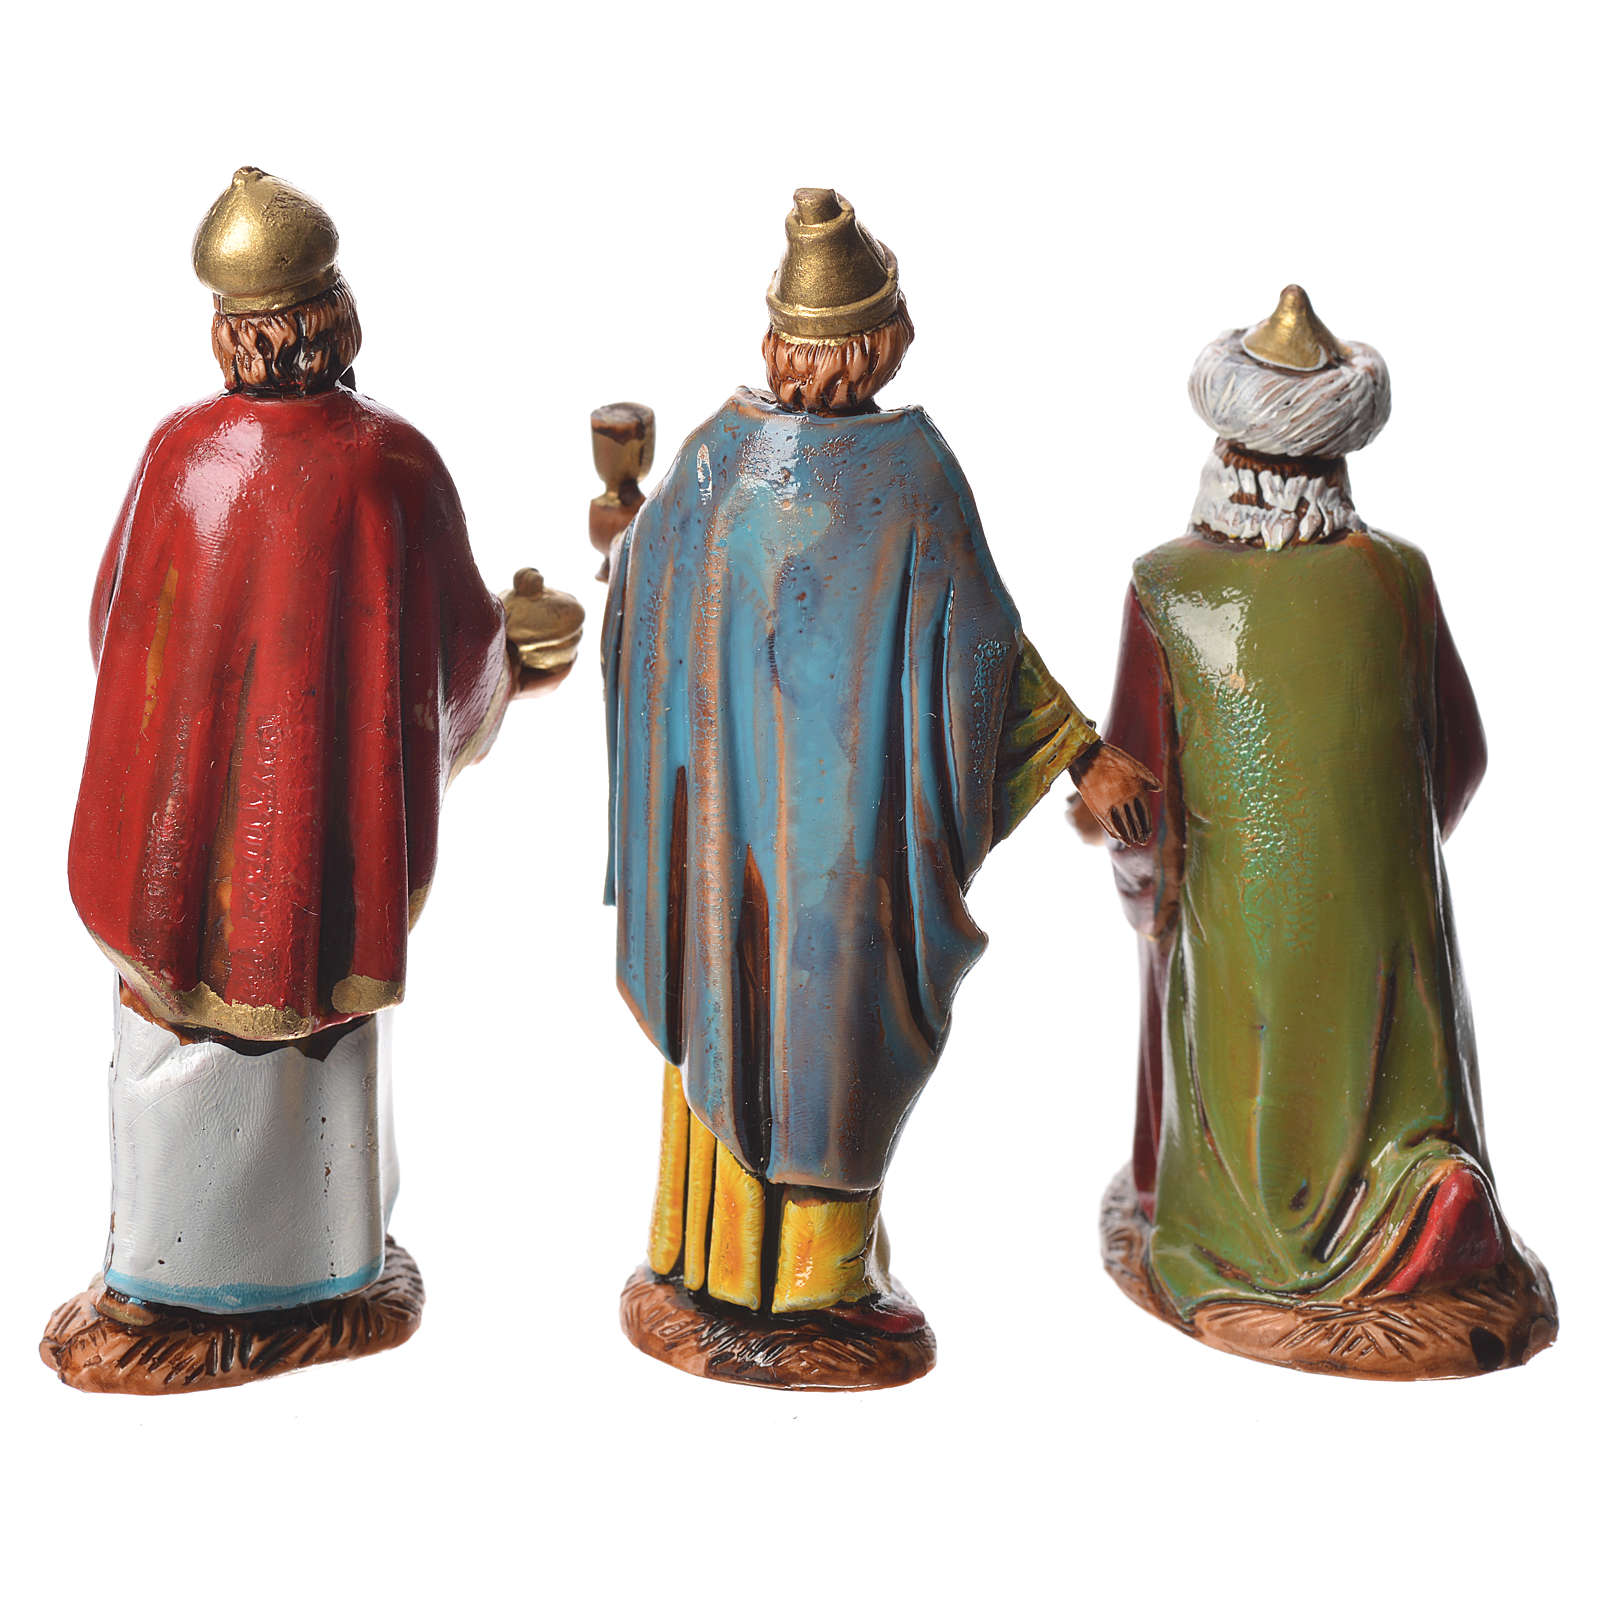 Re Magi stile arabo presepe 6,5 cm Moranduzzo 4